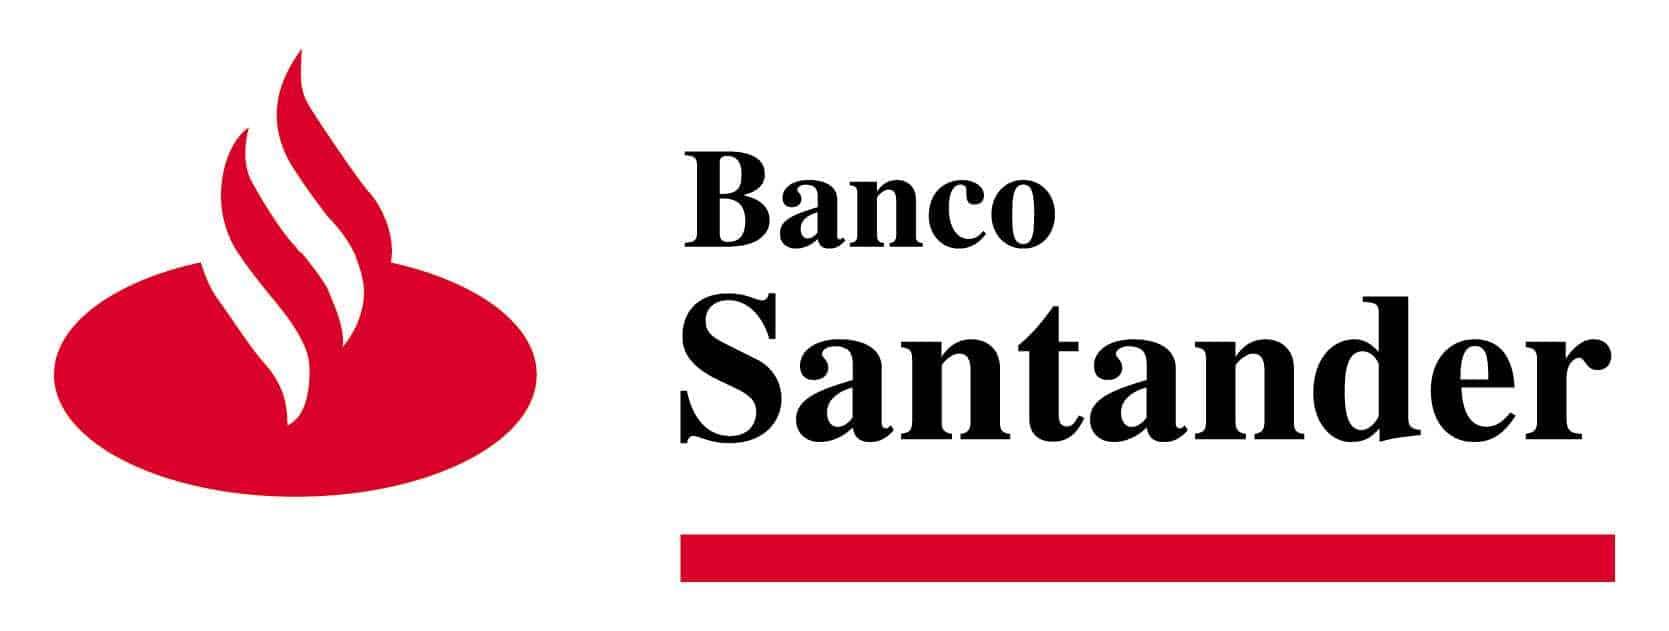 Contactless se afianza de la mano de banco santander for Banco santander abierto sabado madrid